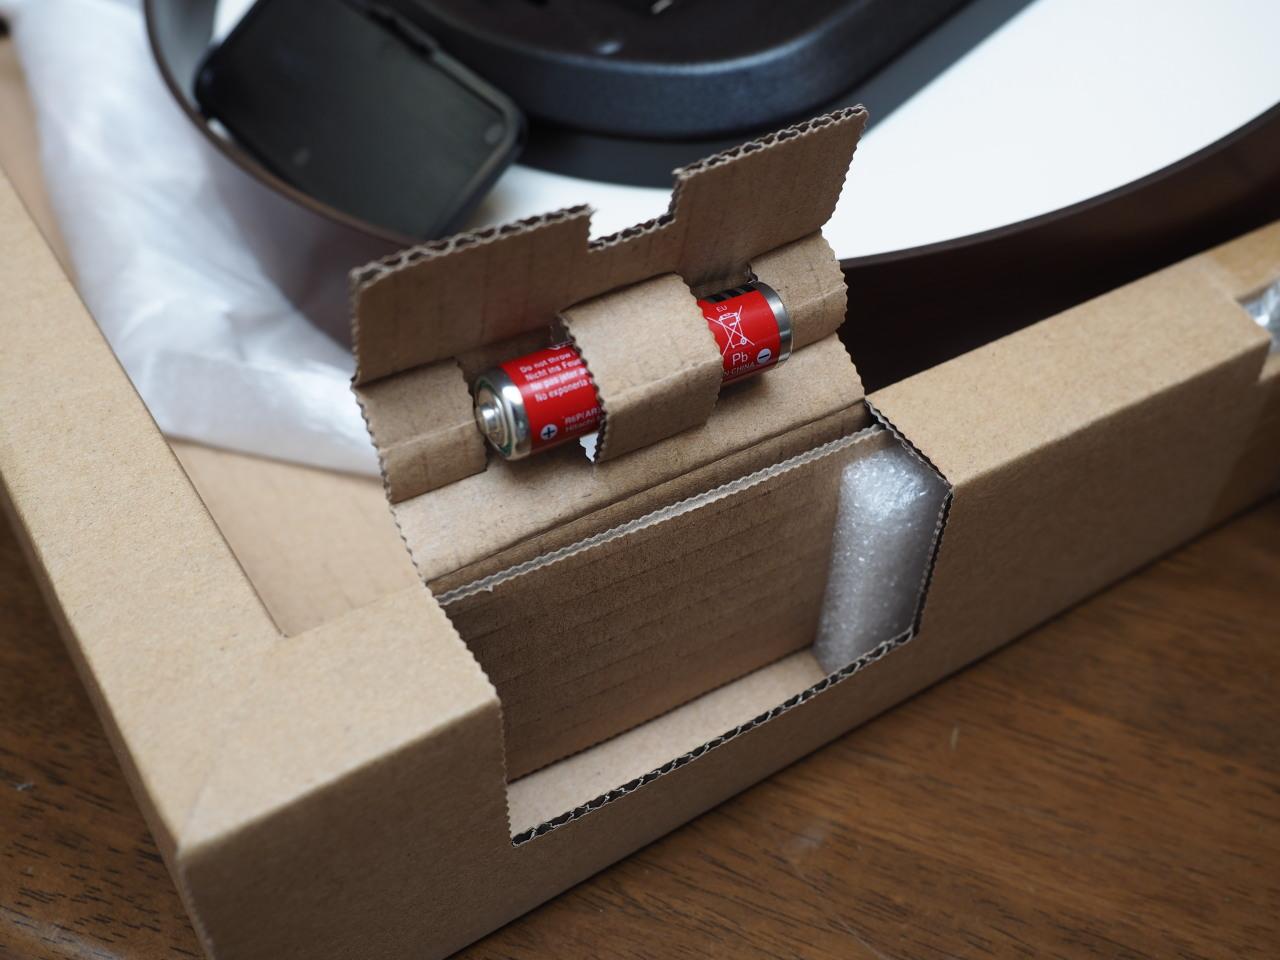 箱を捨てられない体質